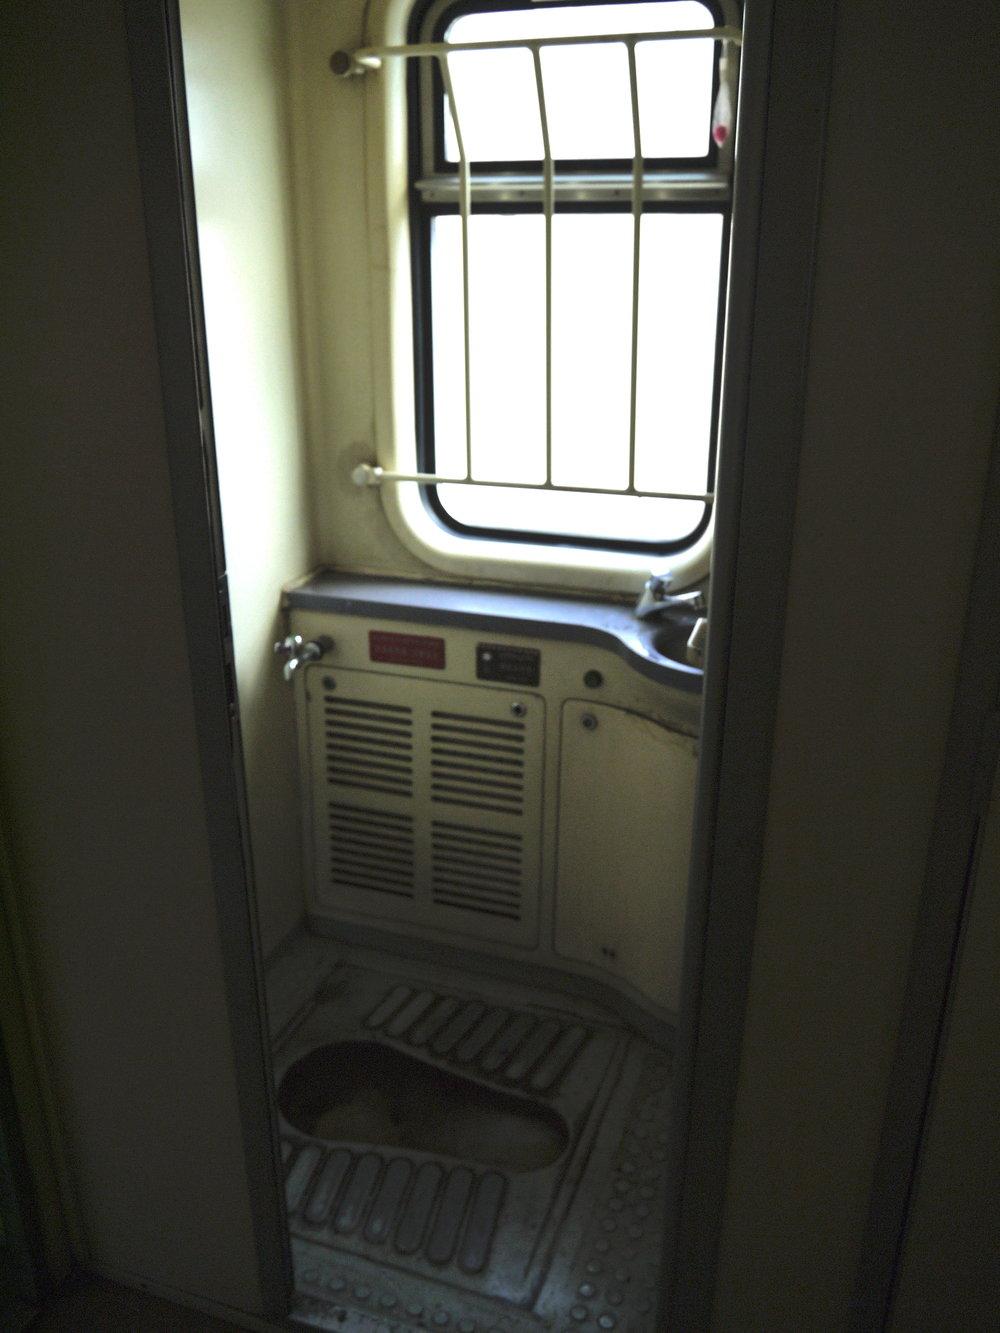 厕所...卫生水准可想象...车厢内没有淋浴设备,三天两夜请备好湿纸巾!